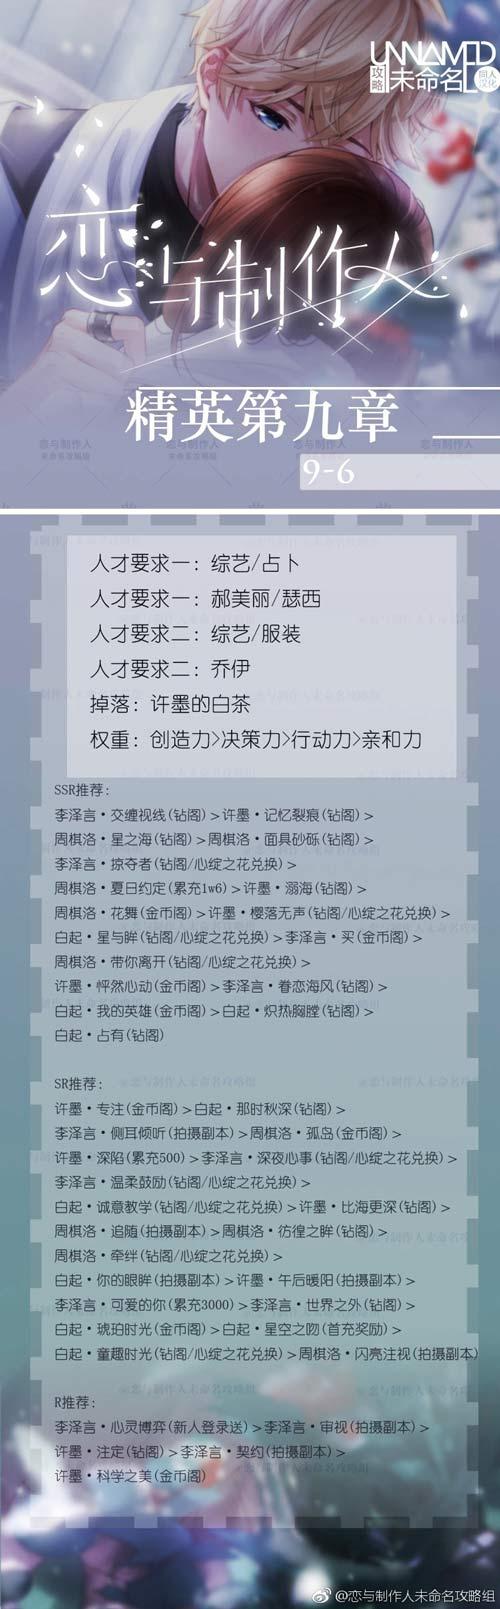 恋与制作人精英9-6关怎么过 精英第九章攻略